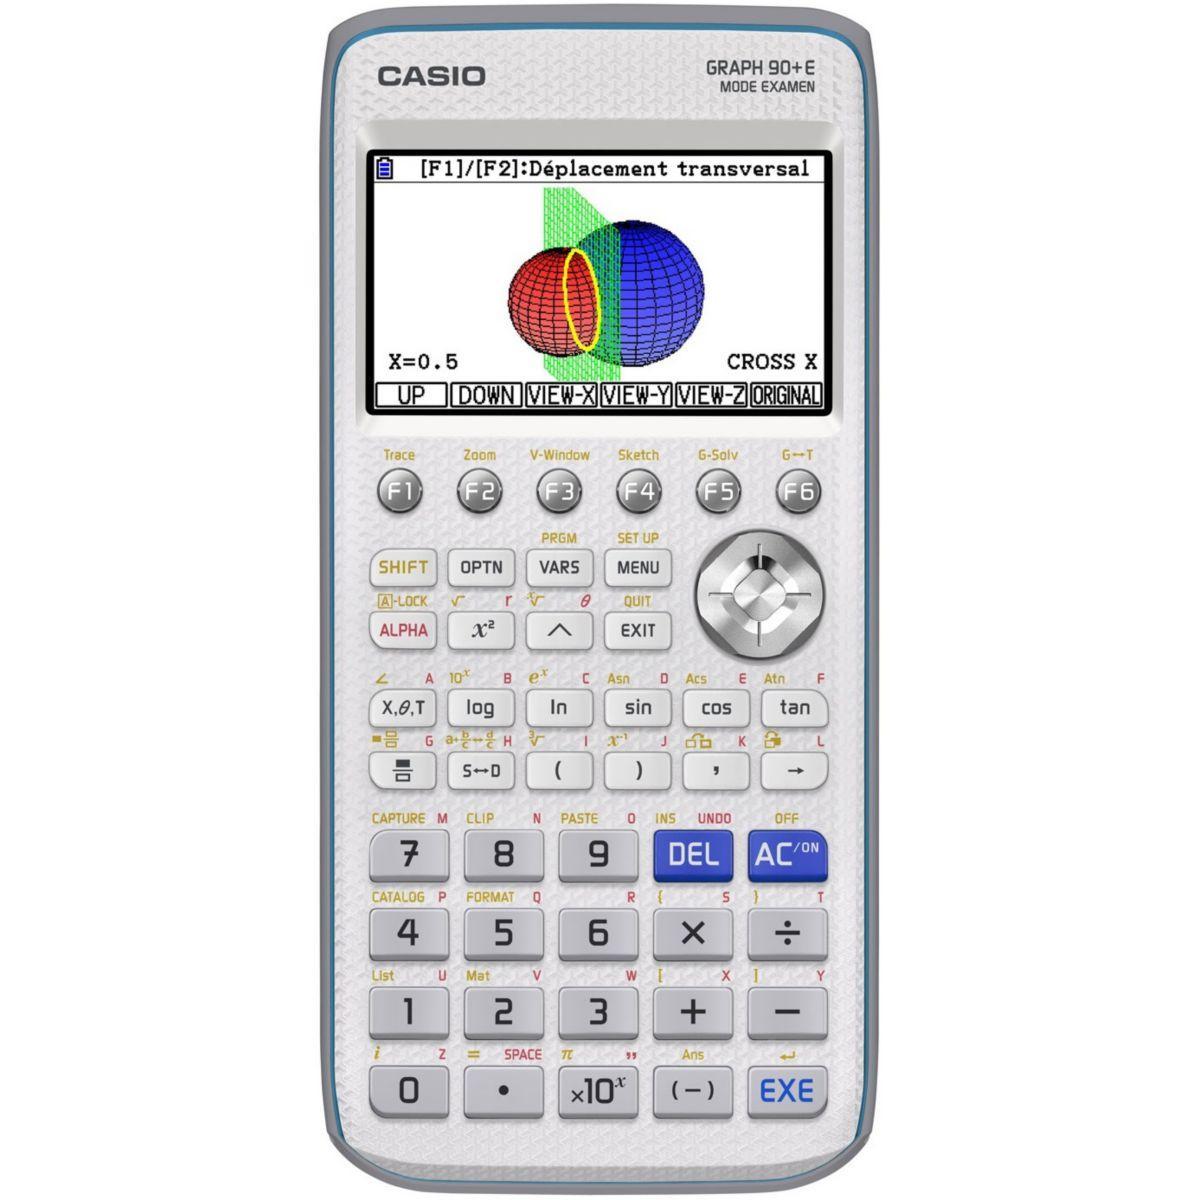 Calculatrice graphique casio graph 90+e - livraison offerte : code premium (photo)